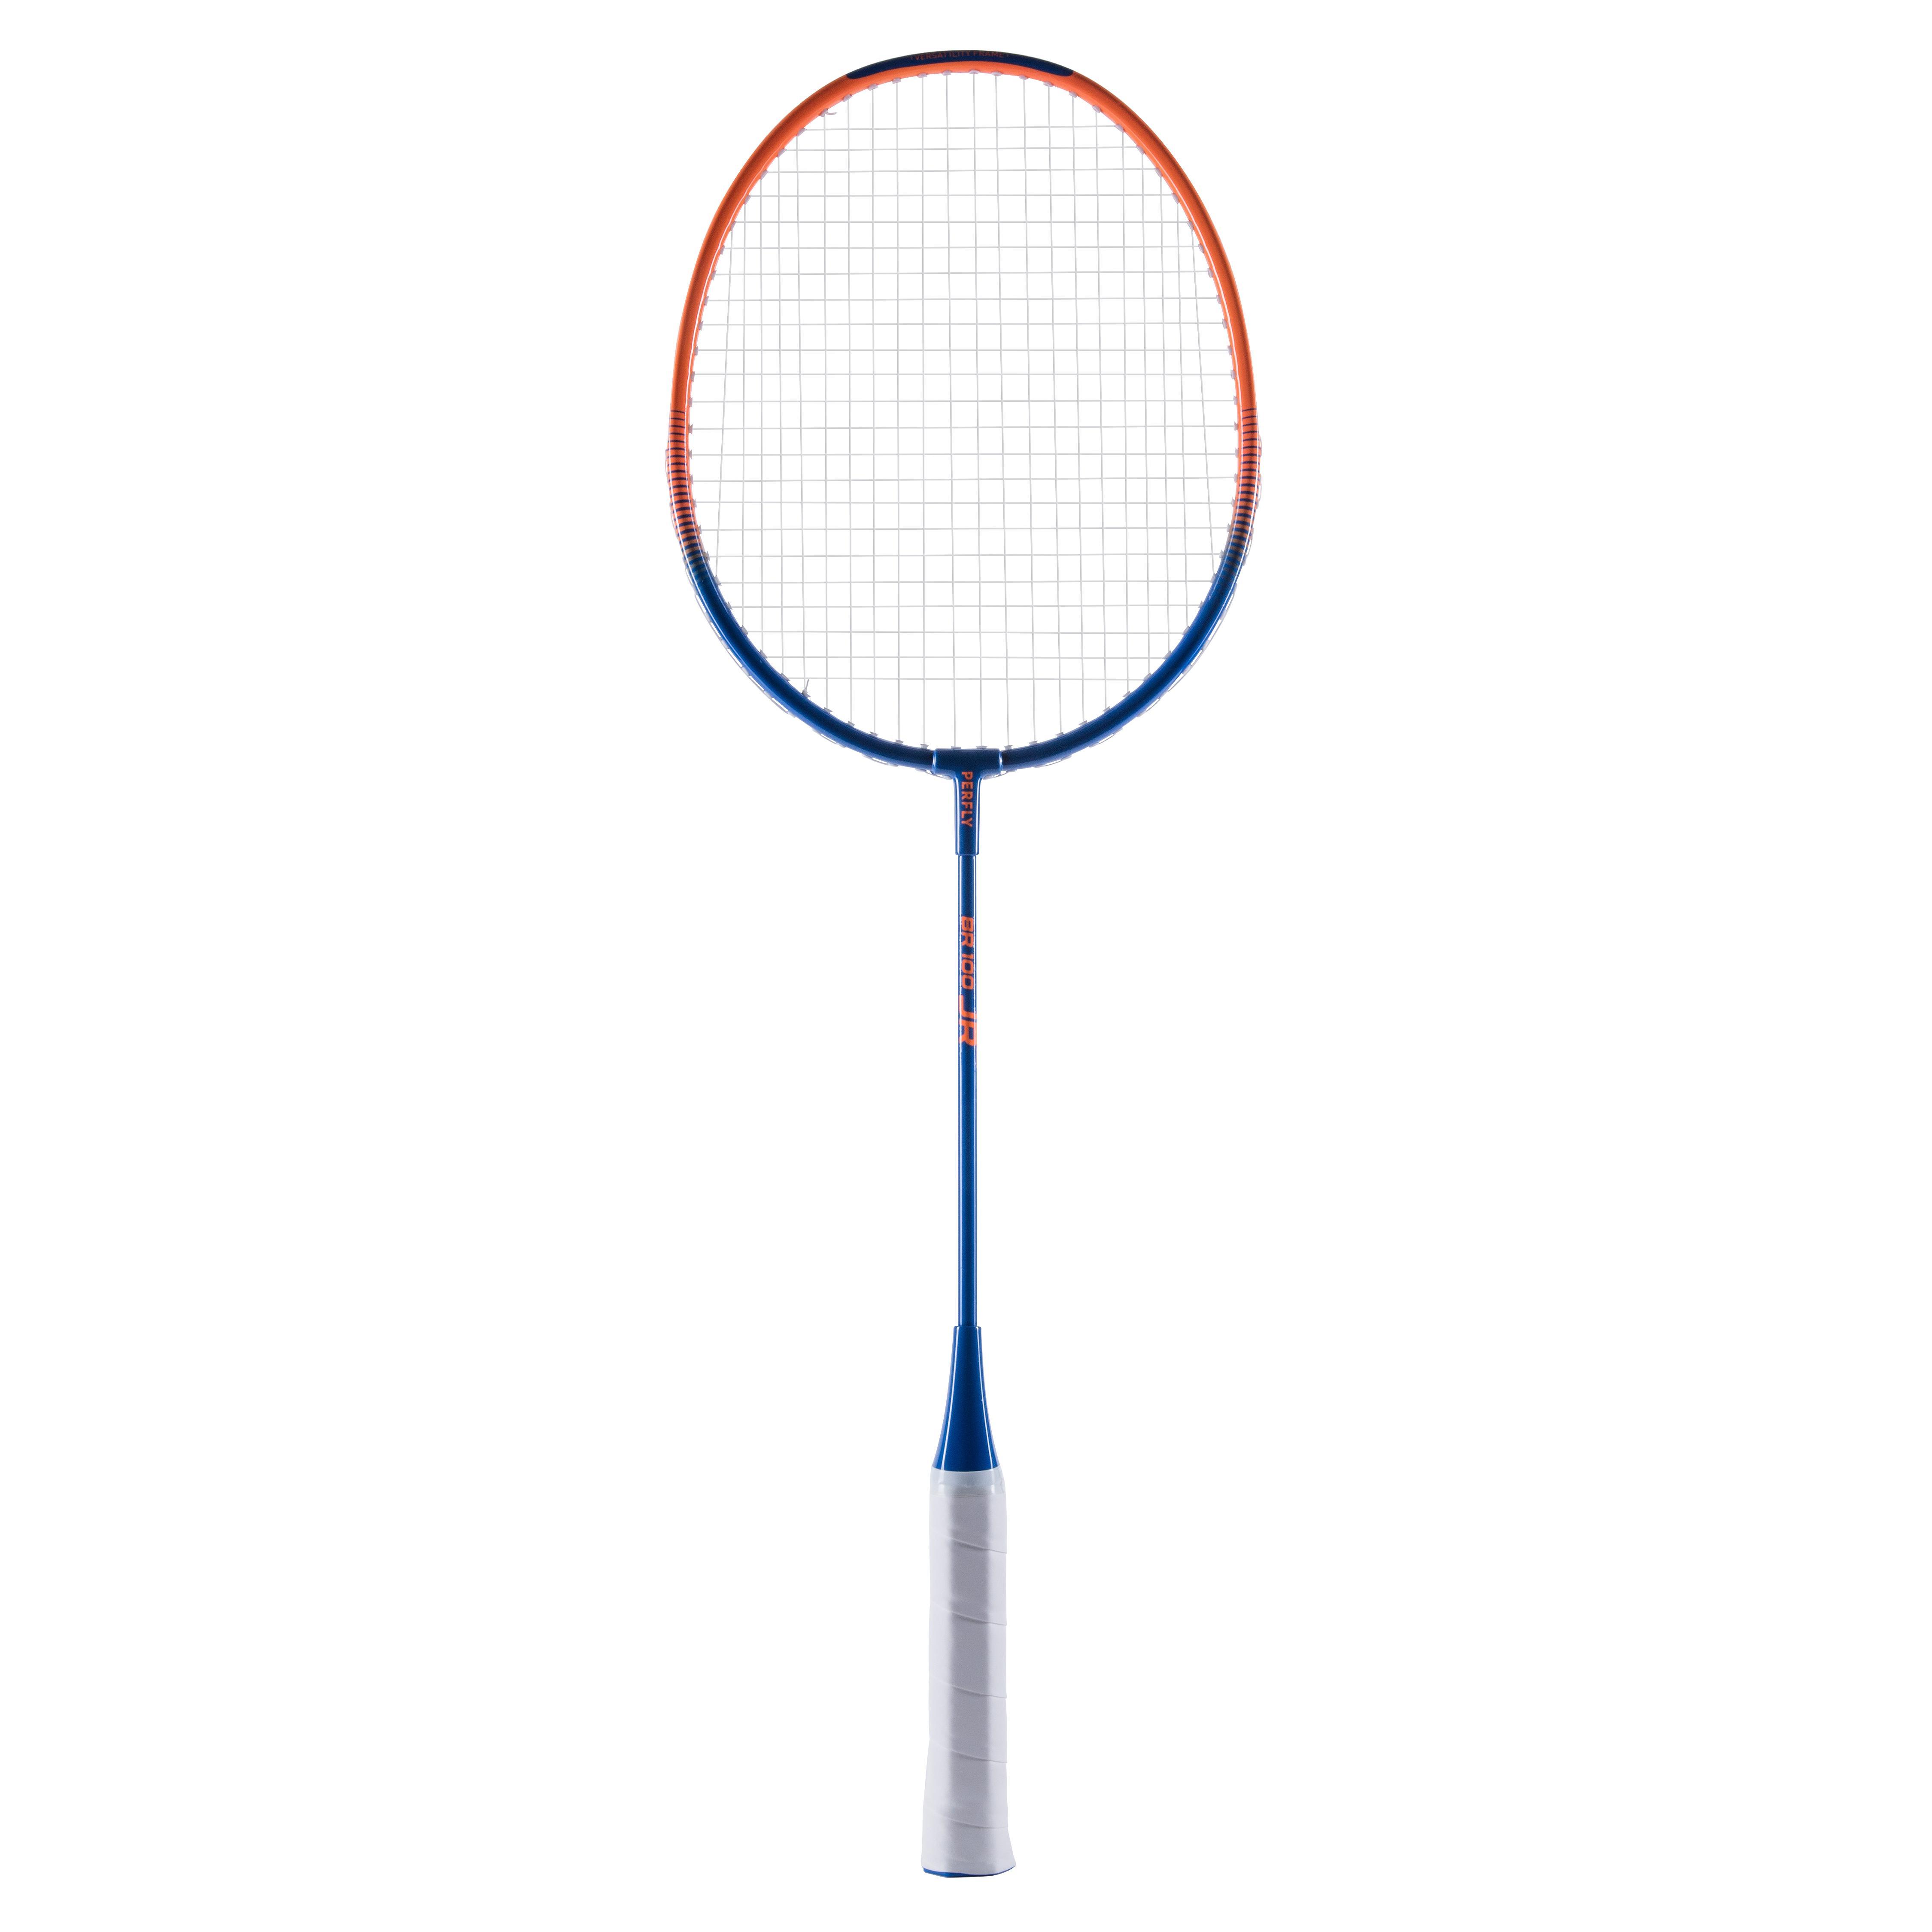 Perfly Badmintonracket voor kinderen BR 100 blauw oranje